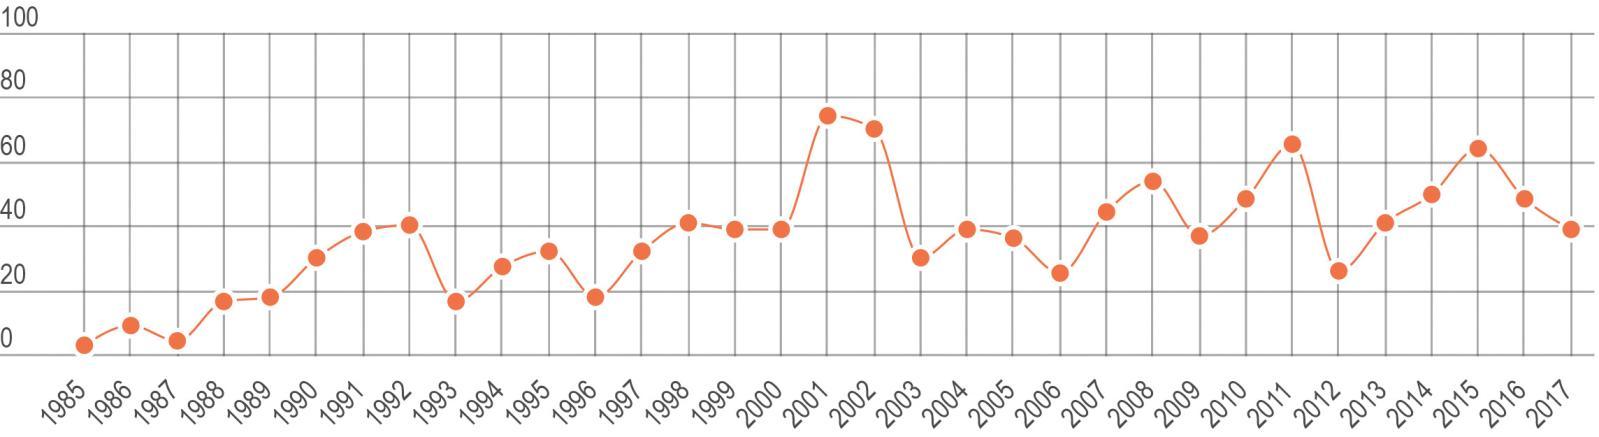 Évolution du nombre de dessins présentés aux enchères par an